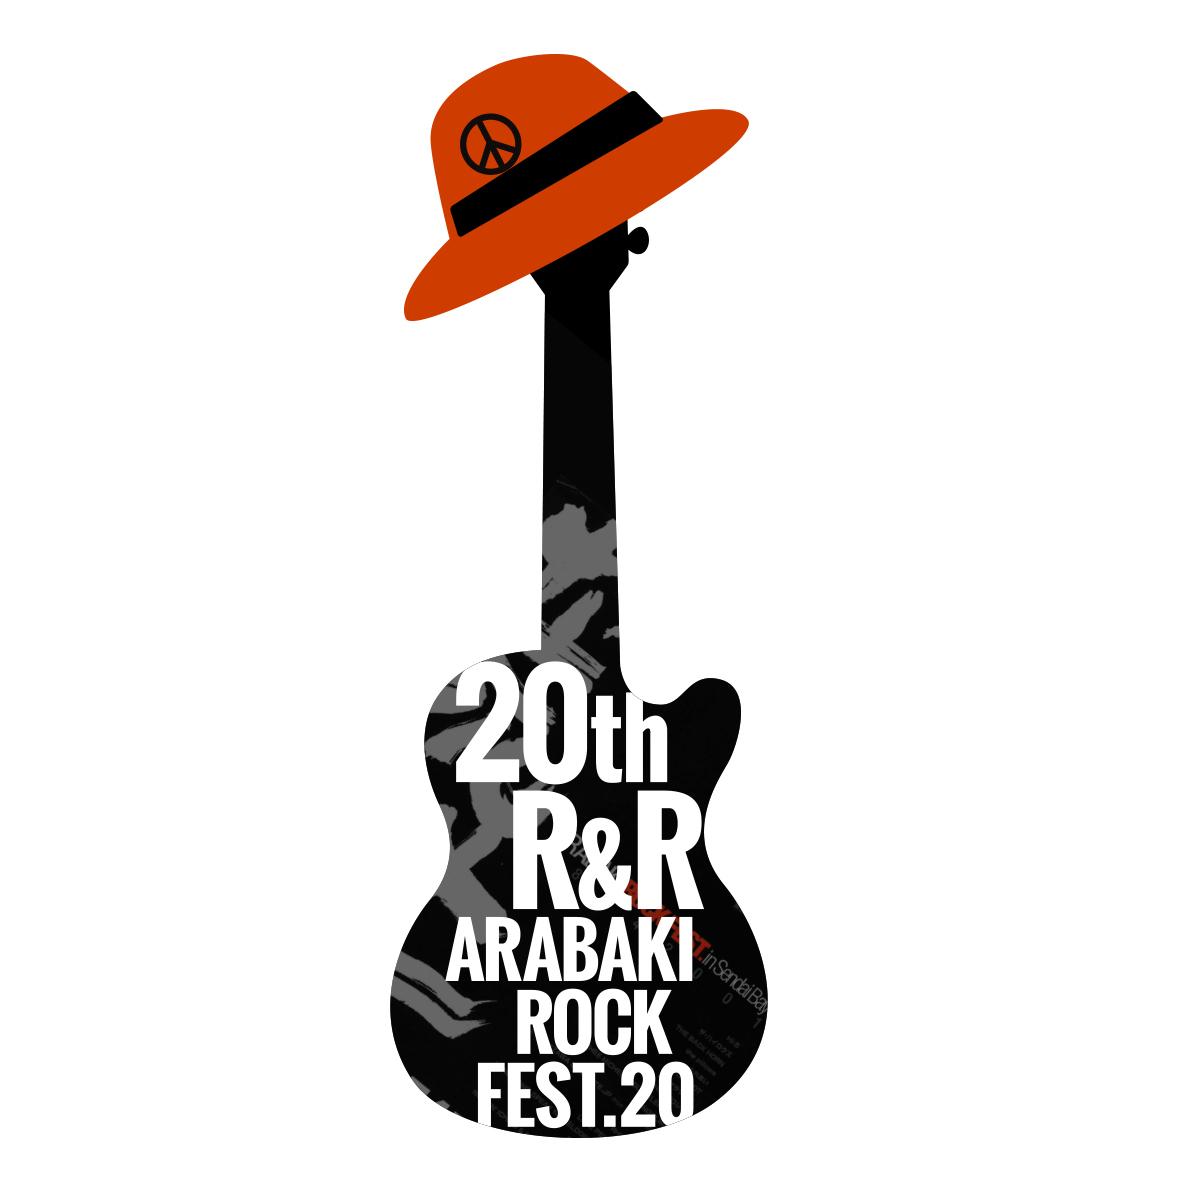 ARABAKI ROCK FEST.20